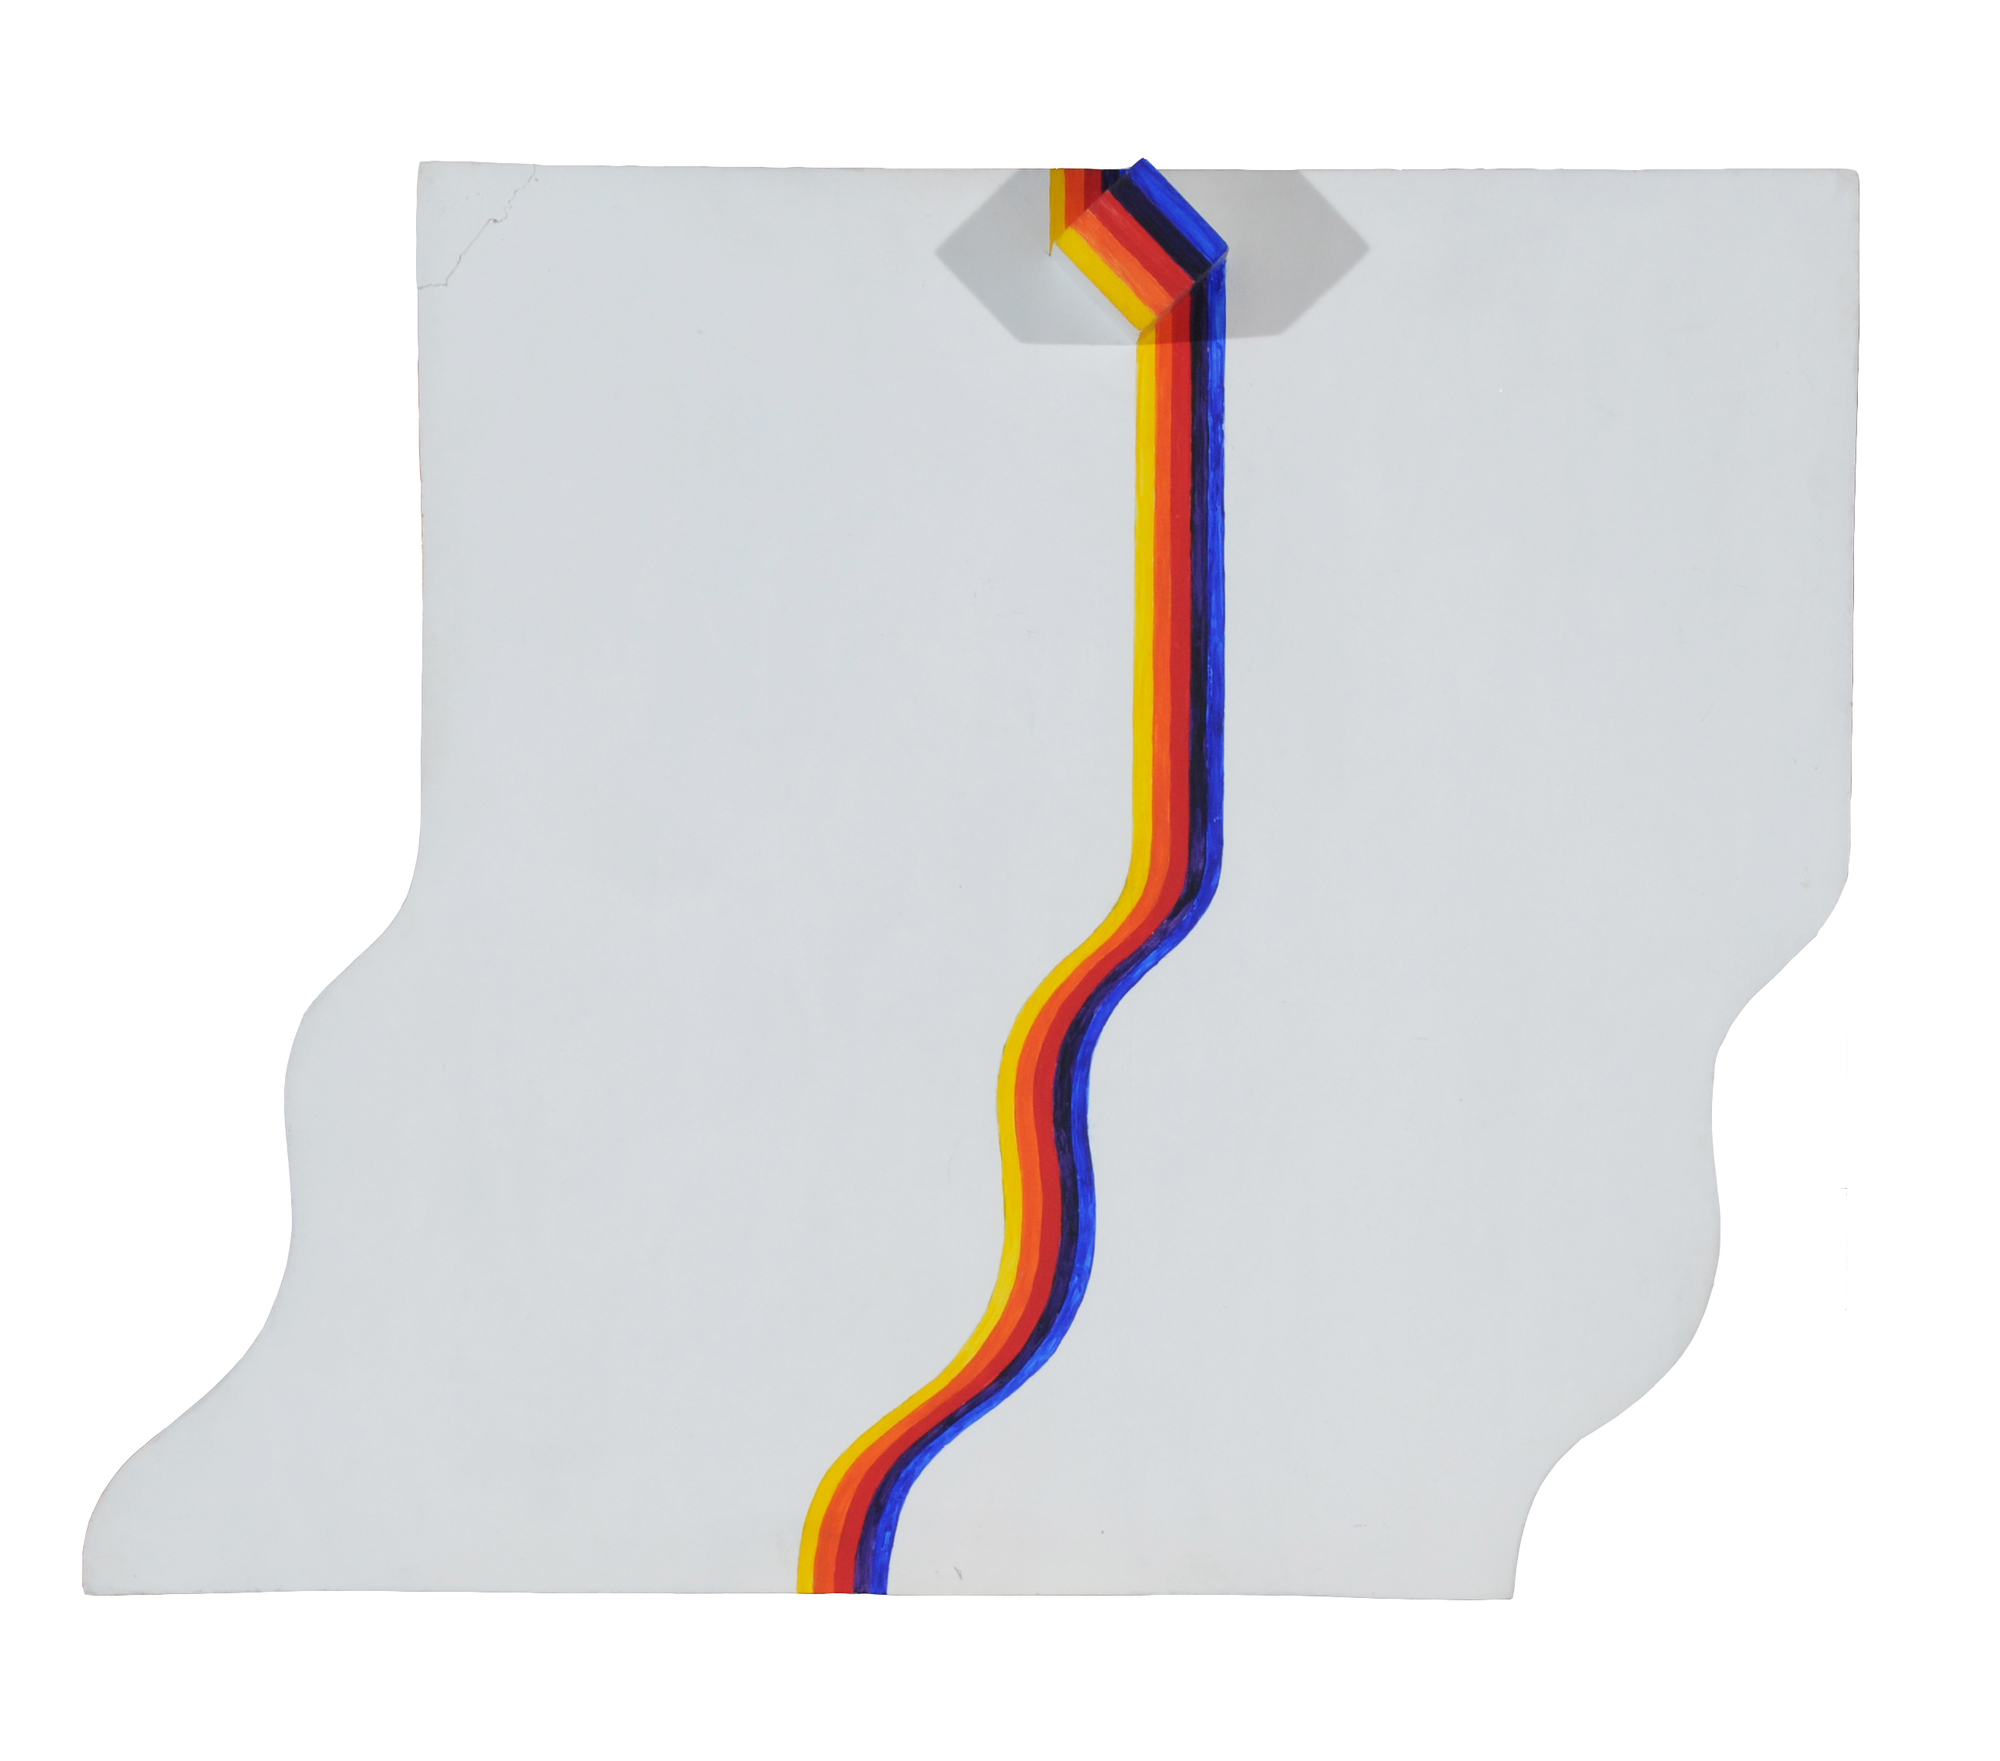 Wiederkehr Max, Farbspur (Colour Trace)